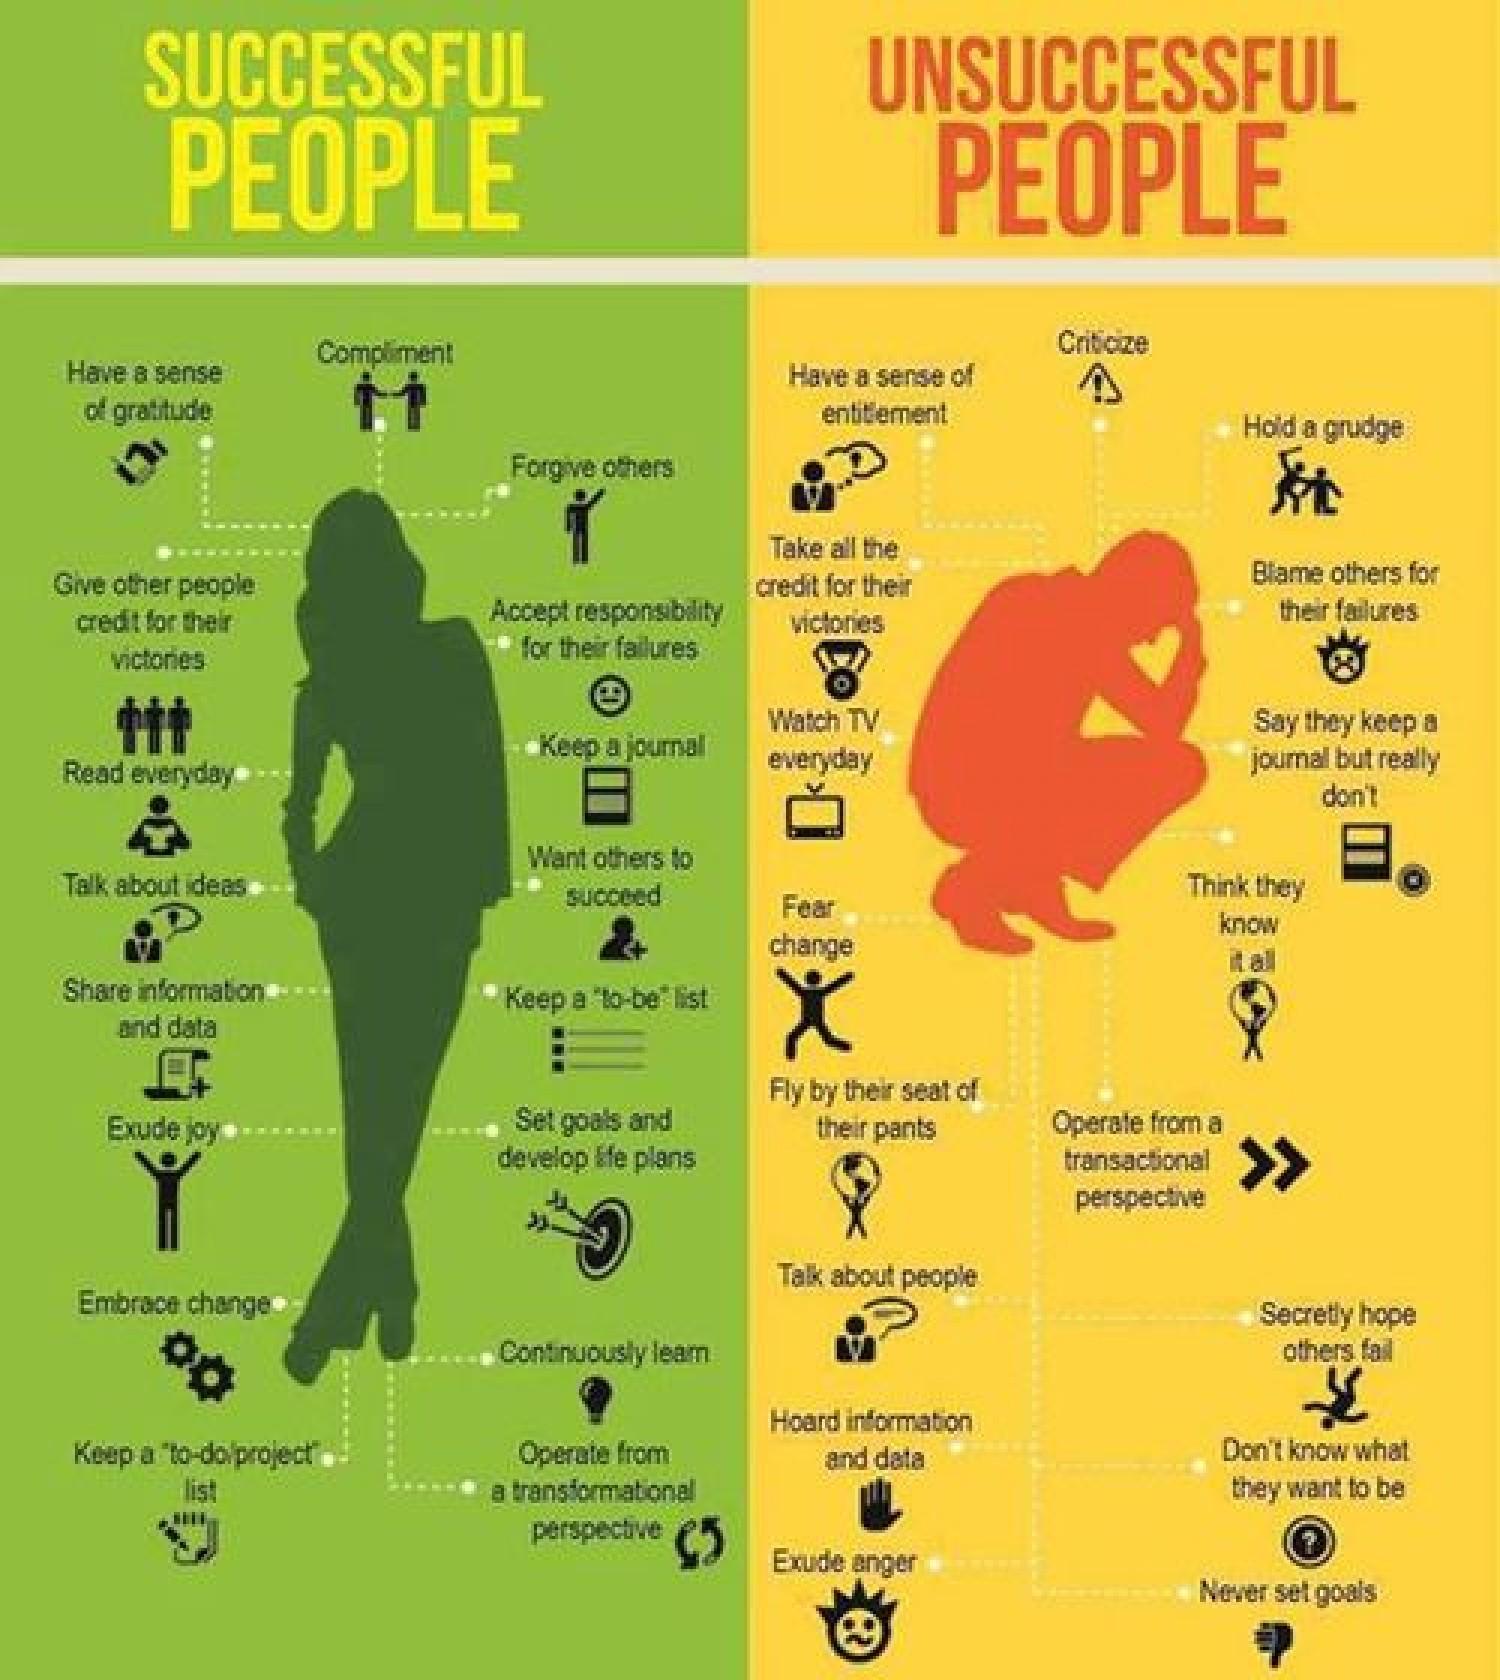 نمونه سوال از افراد موفق داستان افراد موفق درون امتحان آیلتس - آموزش حرفه ای آیلتس و  تافل